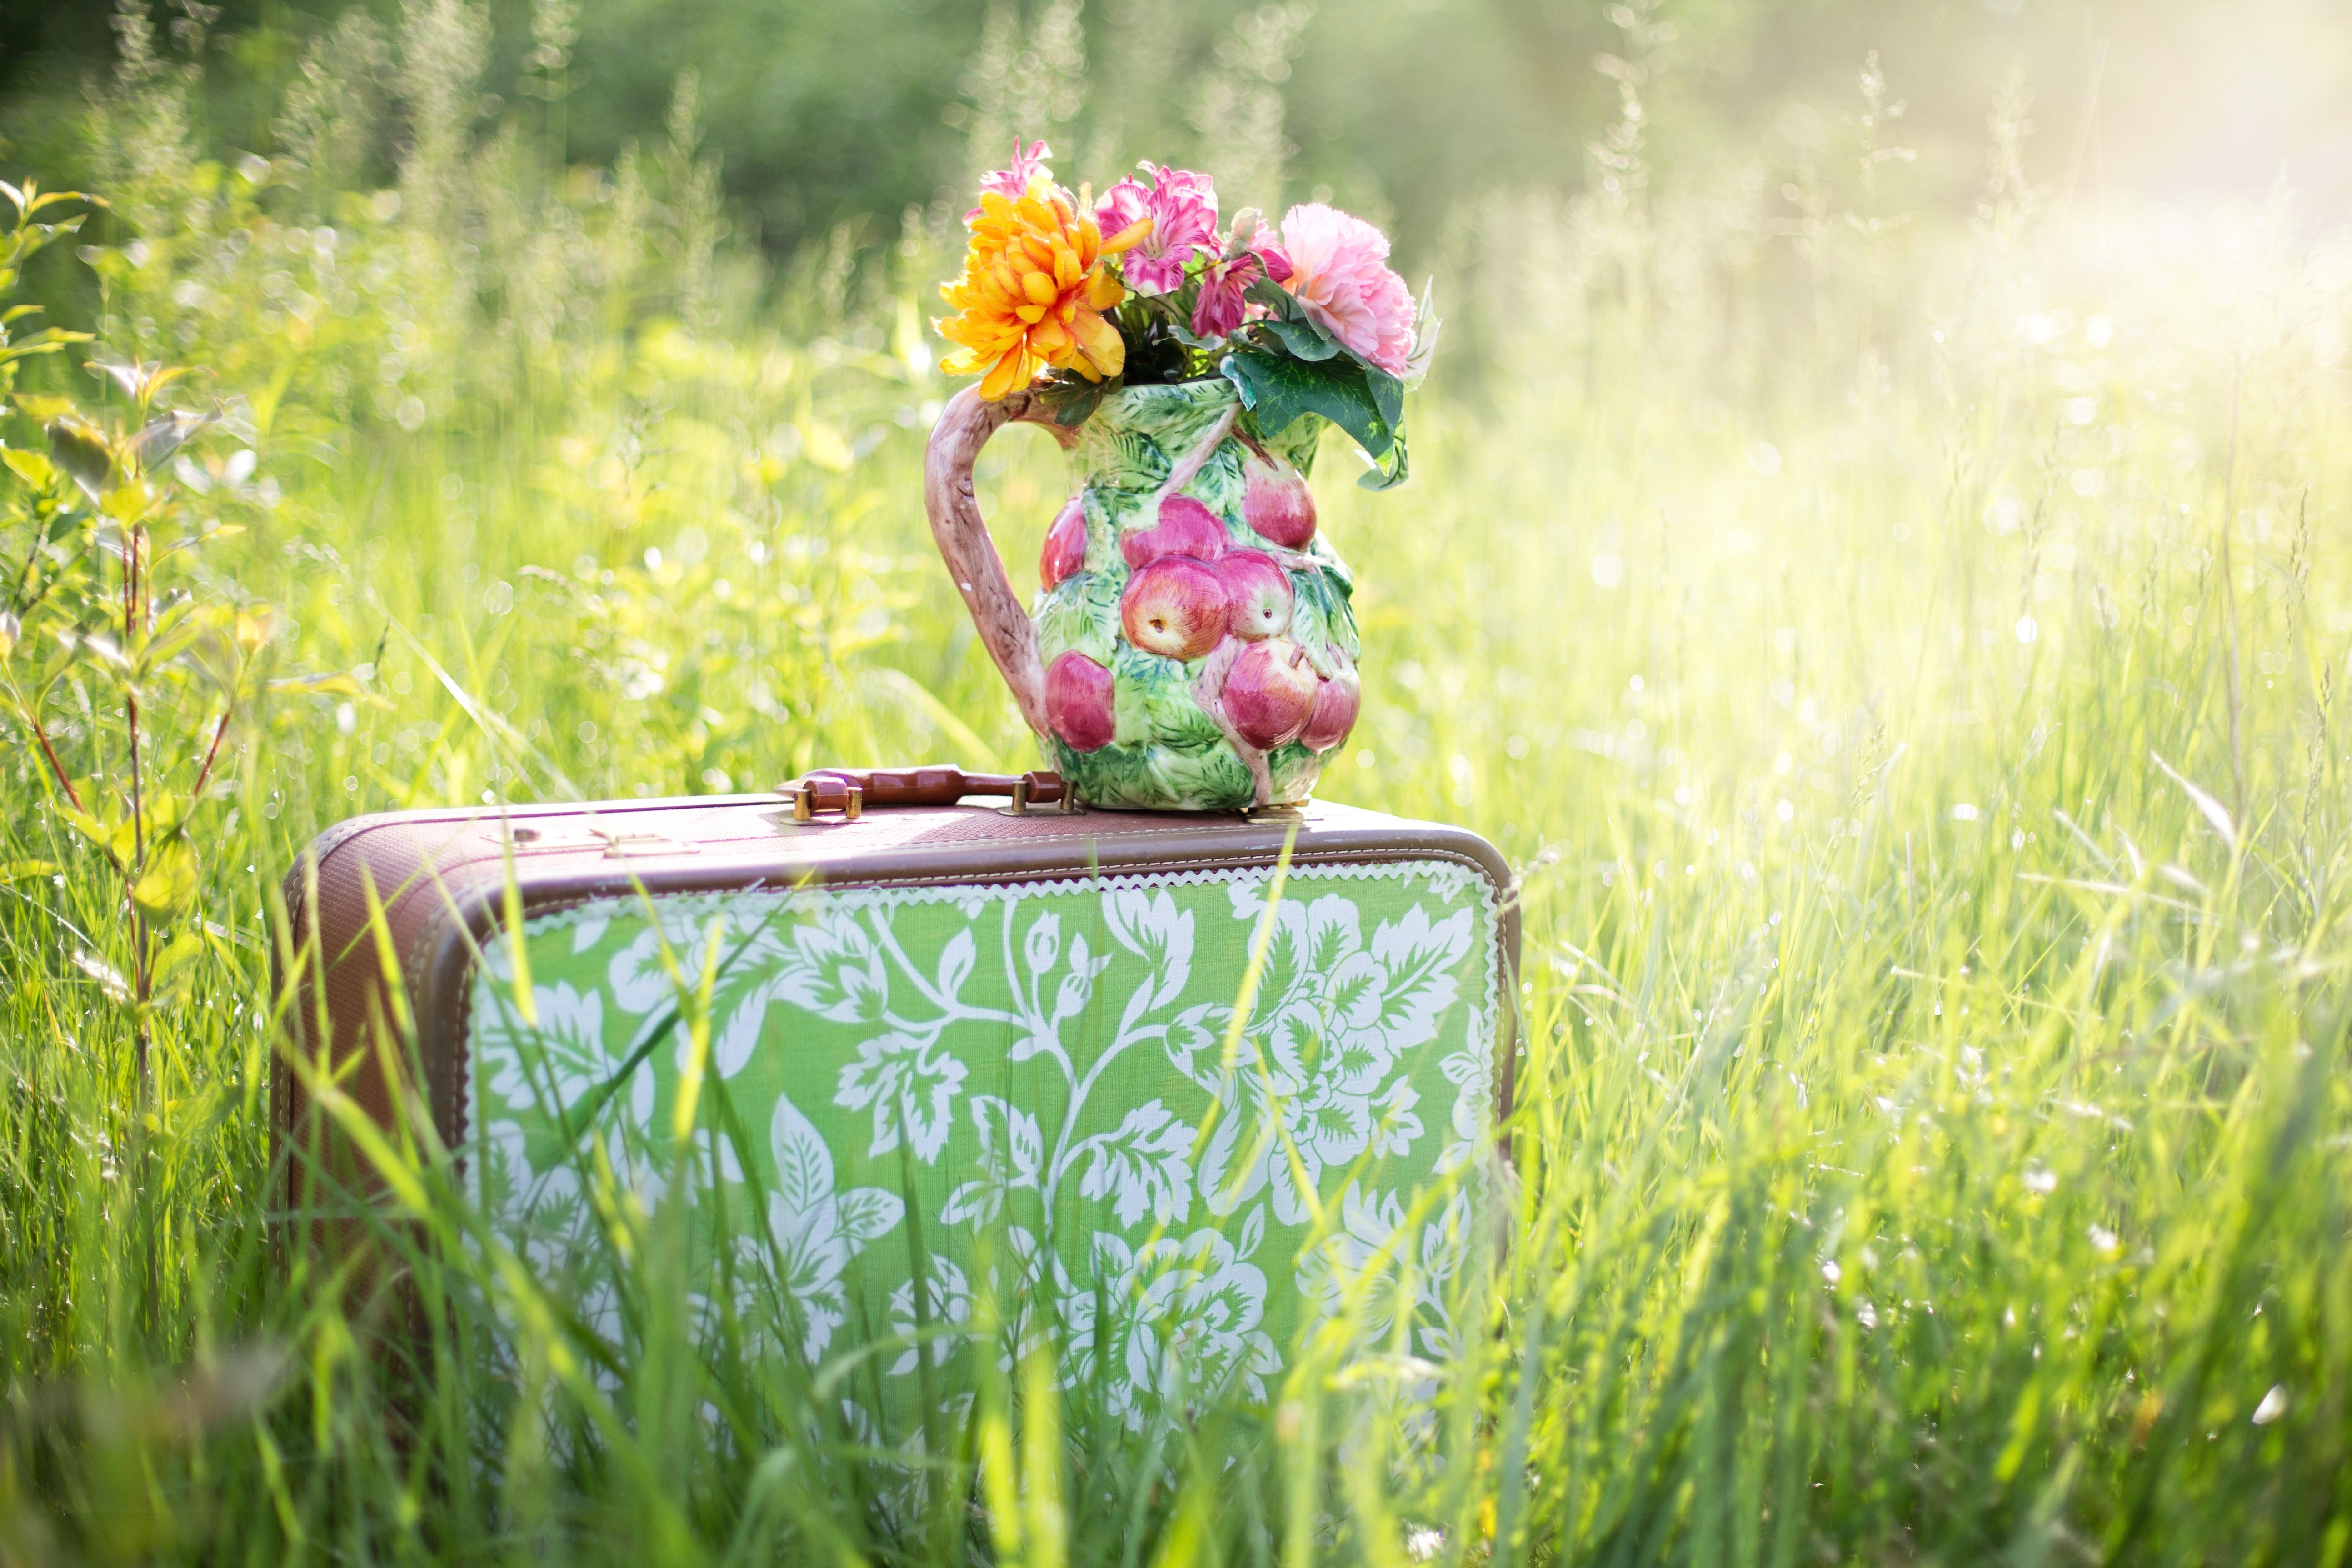 152993 скачать обои Букет, Цветы, Ваза, Чемодан - заставки и картинки бесплатно